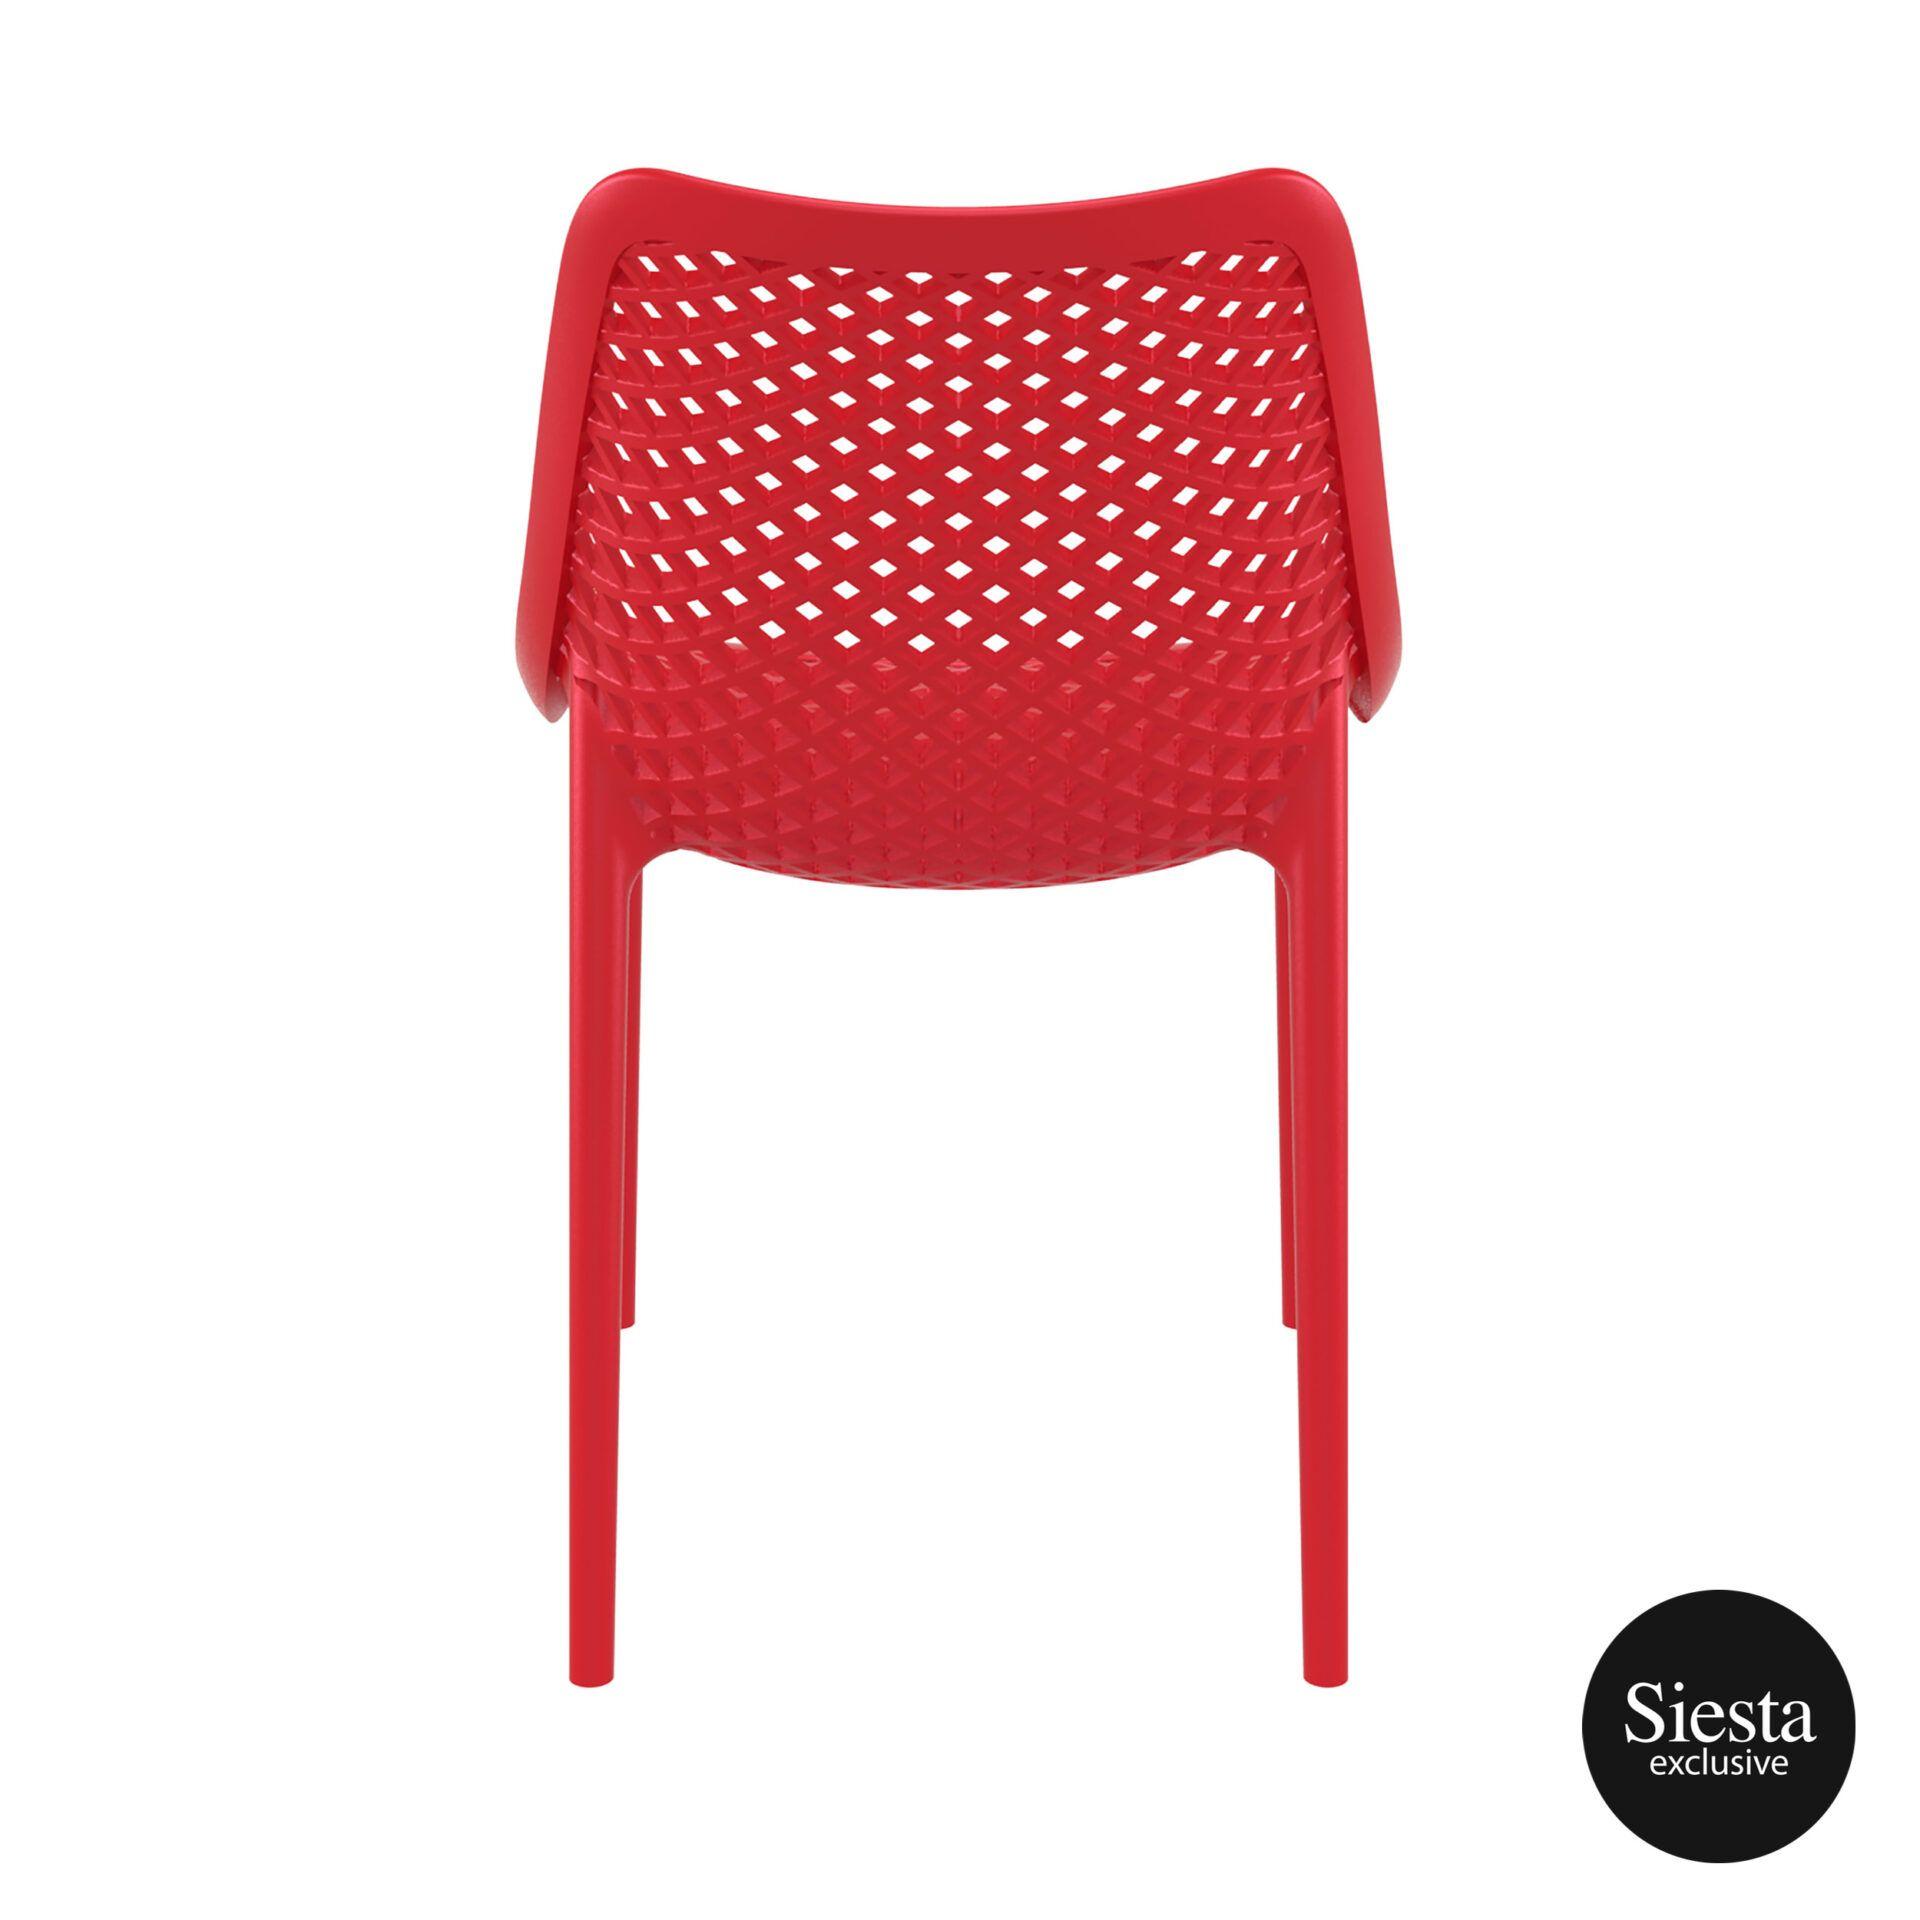 original siesta air chair red back 1